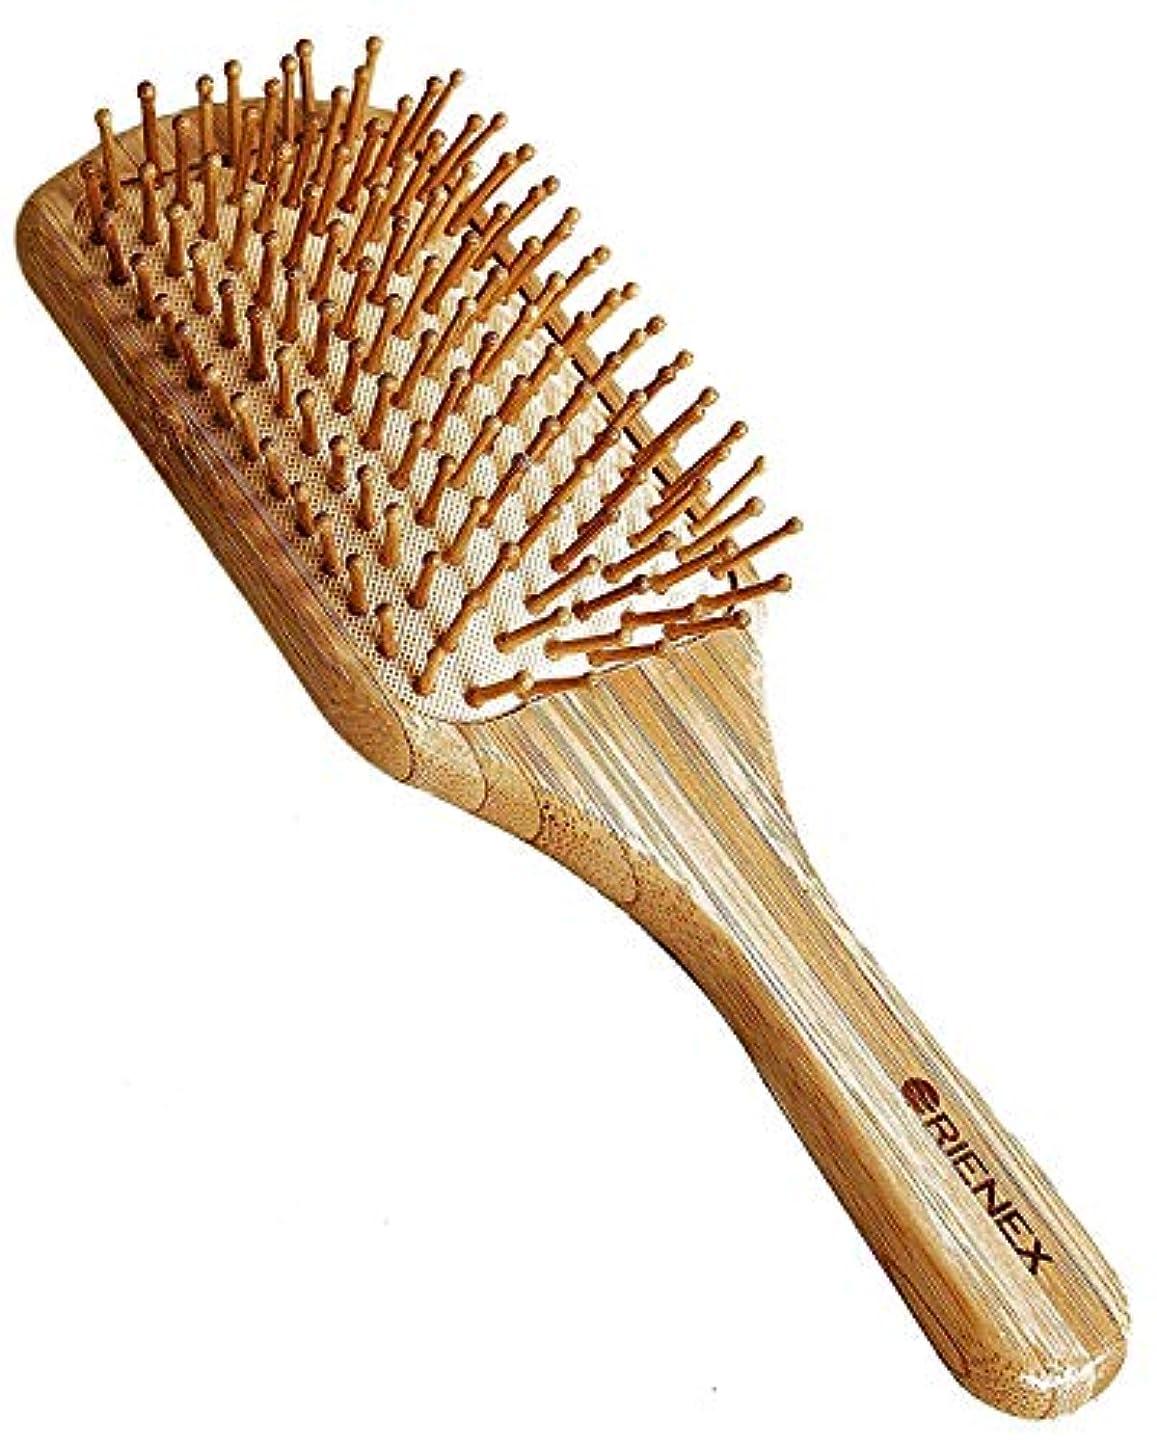 セットアップ金額マトロンOrienex ヘアブラシ 木製櫛 美髪ケア 頭皮&肩&顔マッサージ(大)